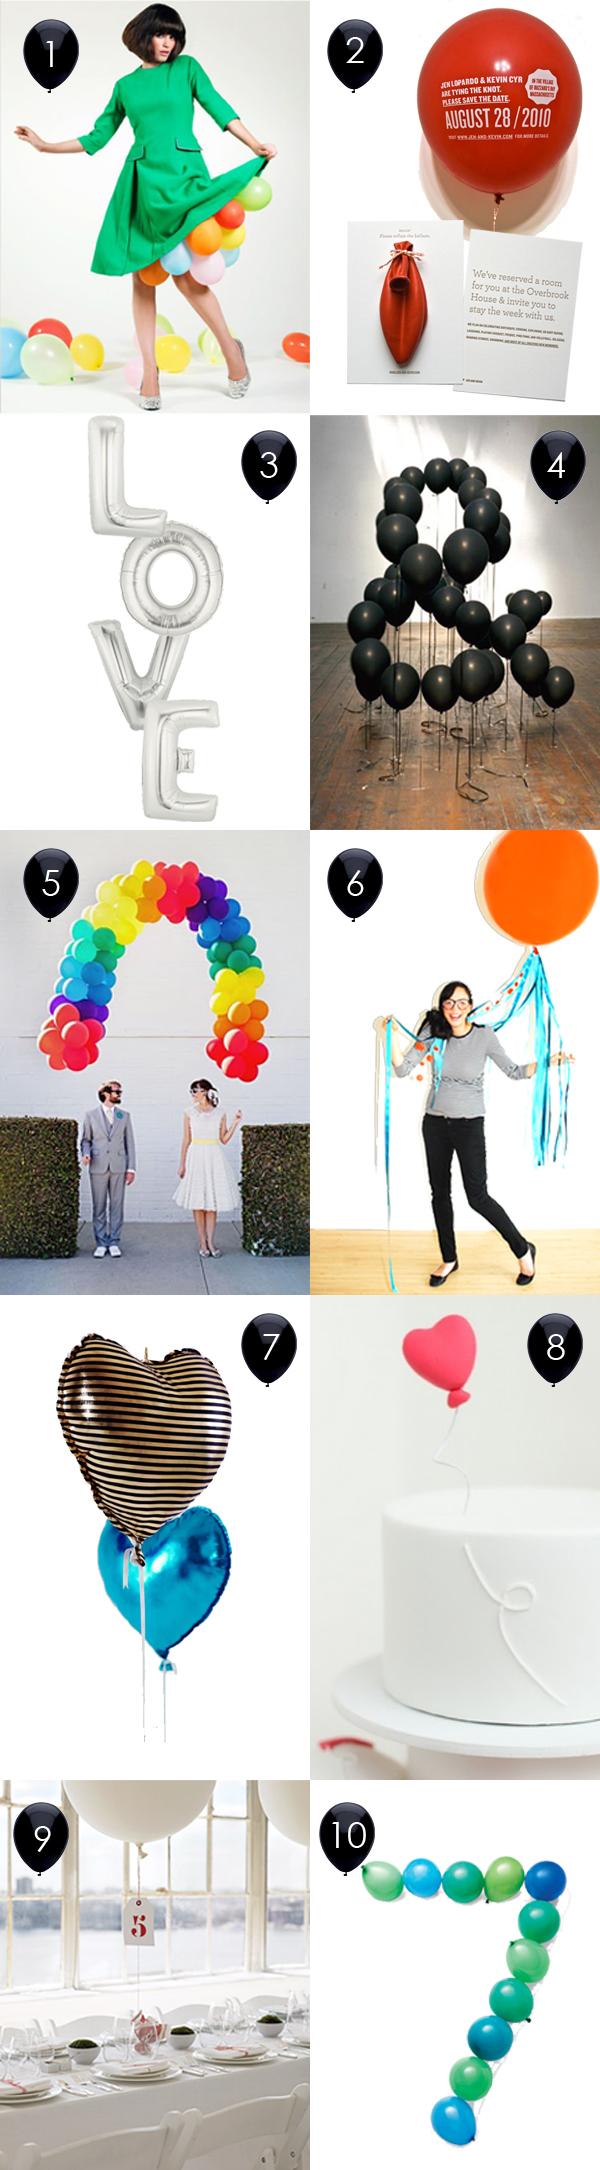 Top 10: Balloon decor 1